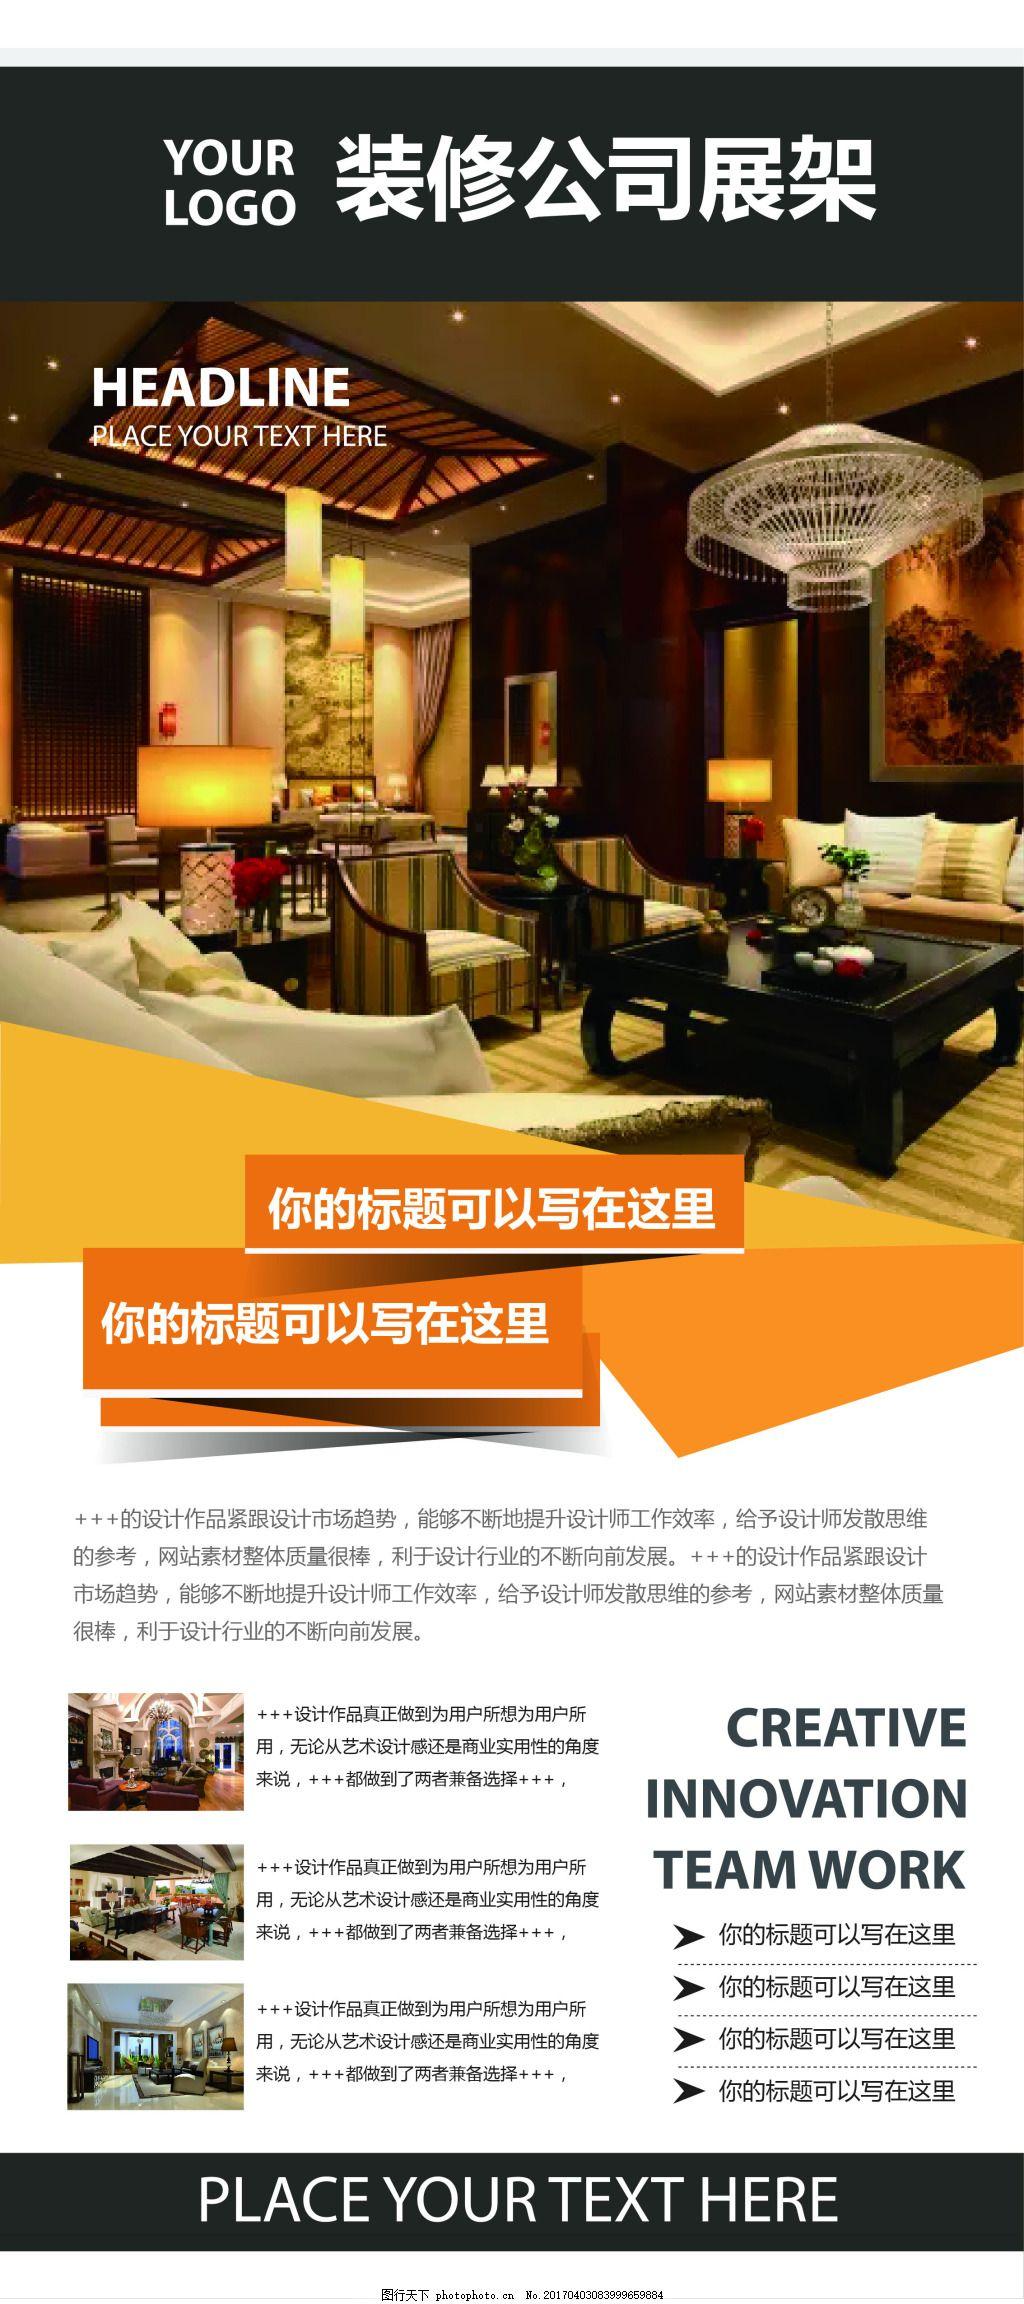 装修公司室外喷绘 装饰室外喷绘广告图片 广告设计 家装 矢量 展板